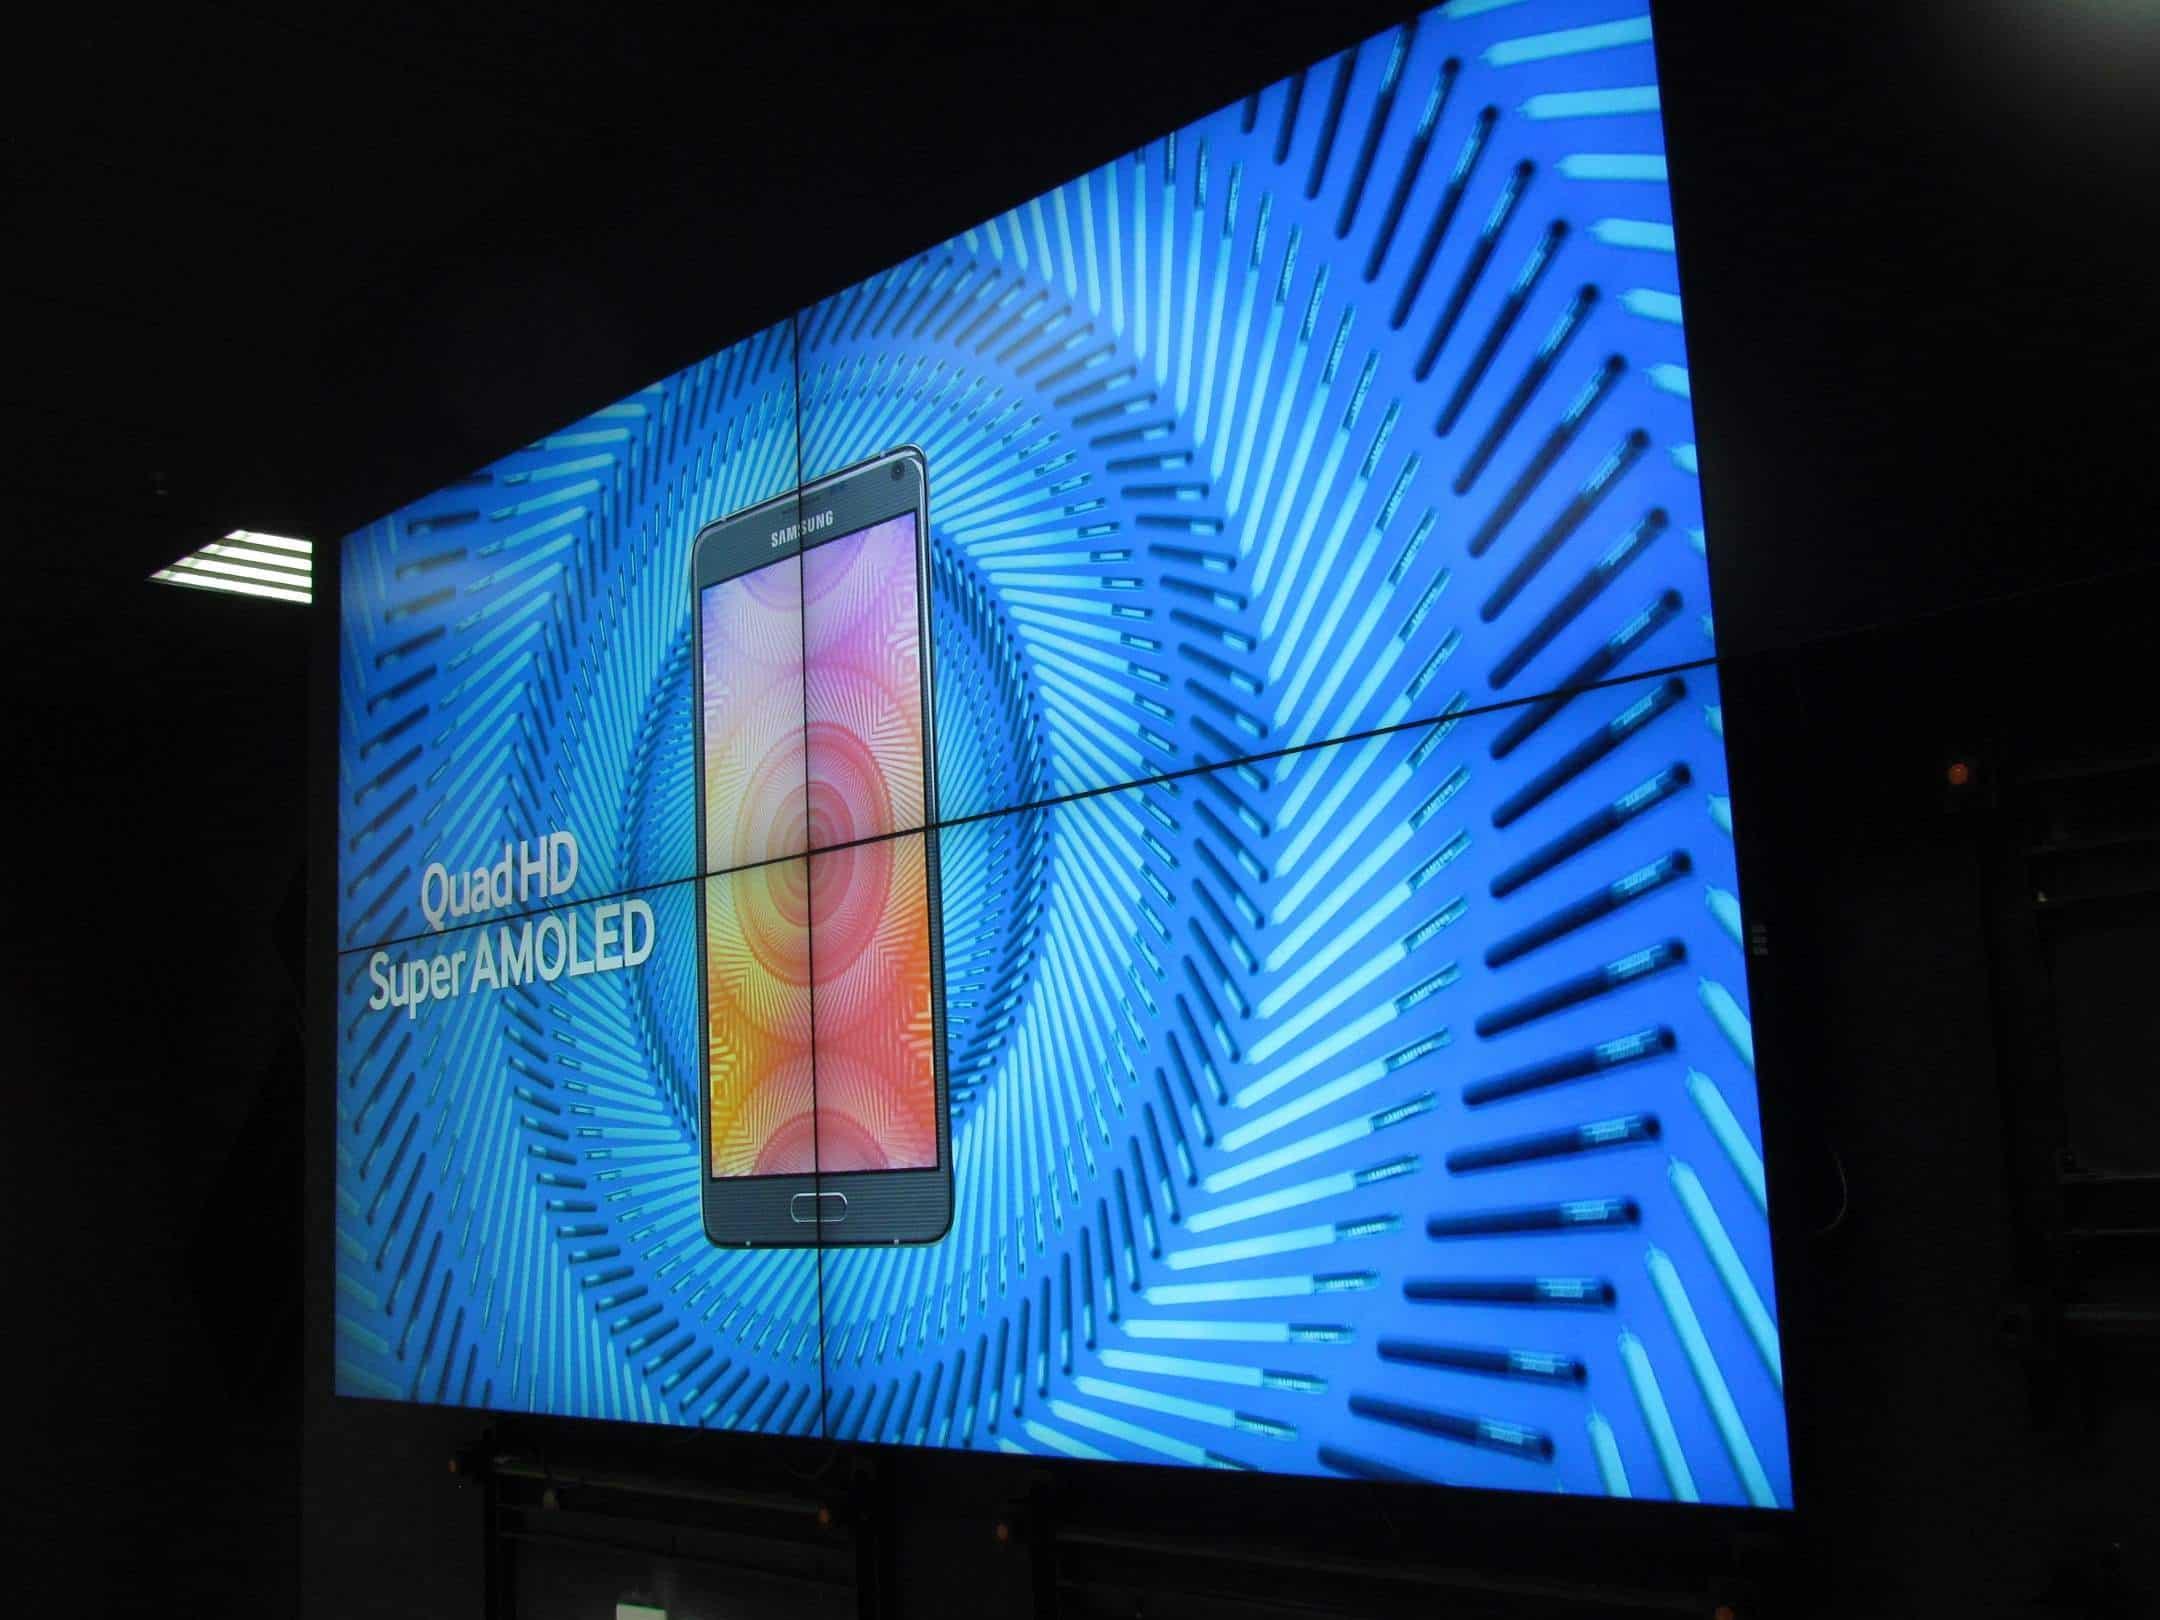 Màn hình ghép quảng cáo Samsung